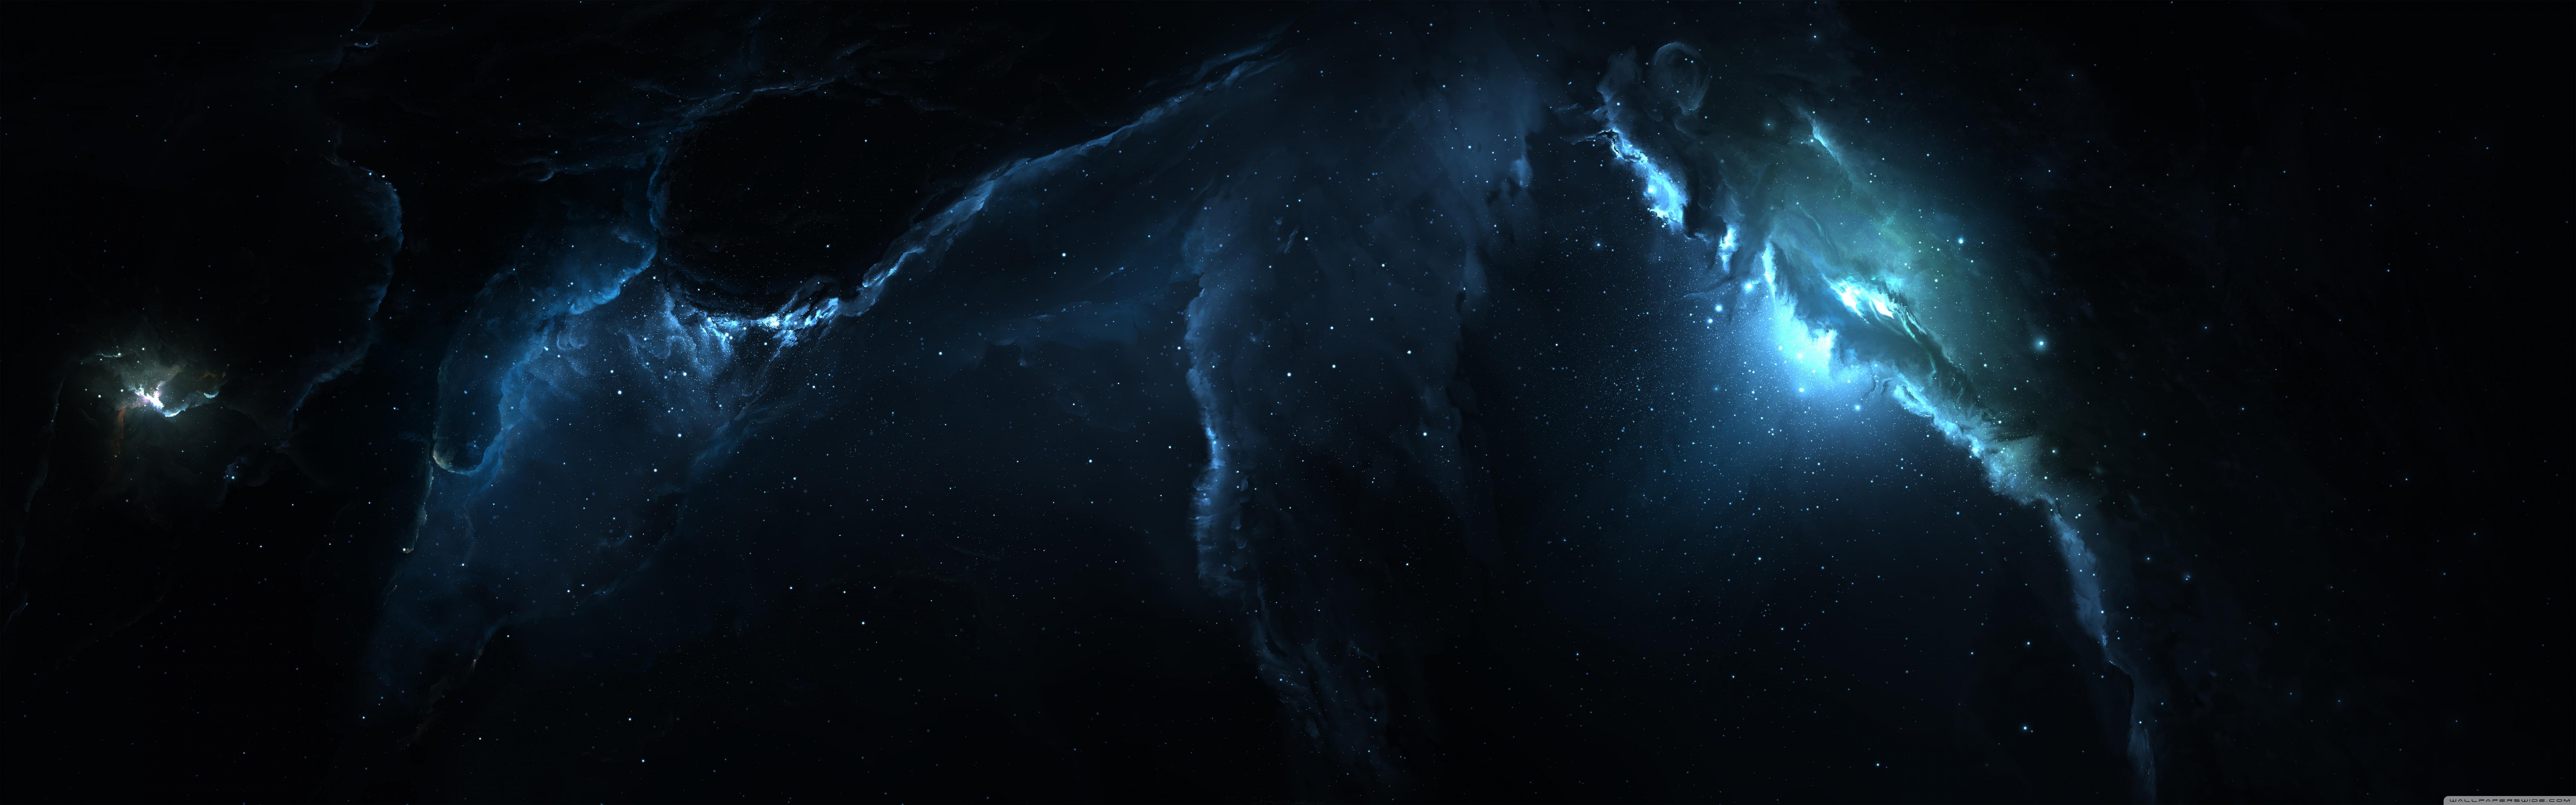 Nebula 3 Dual Monitor Wallpaper Full HD [7680x2400]   wallpaper 7680x2400